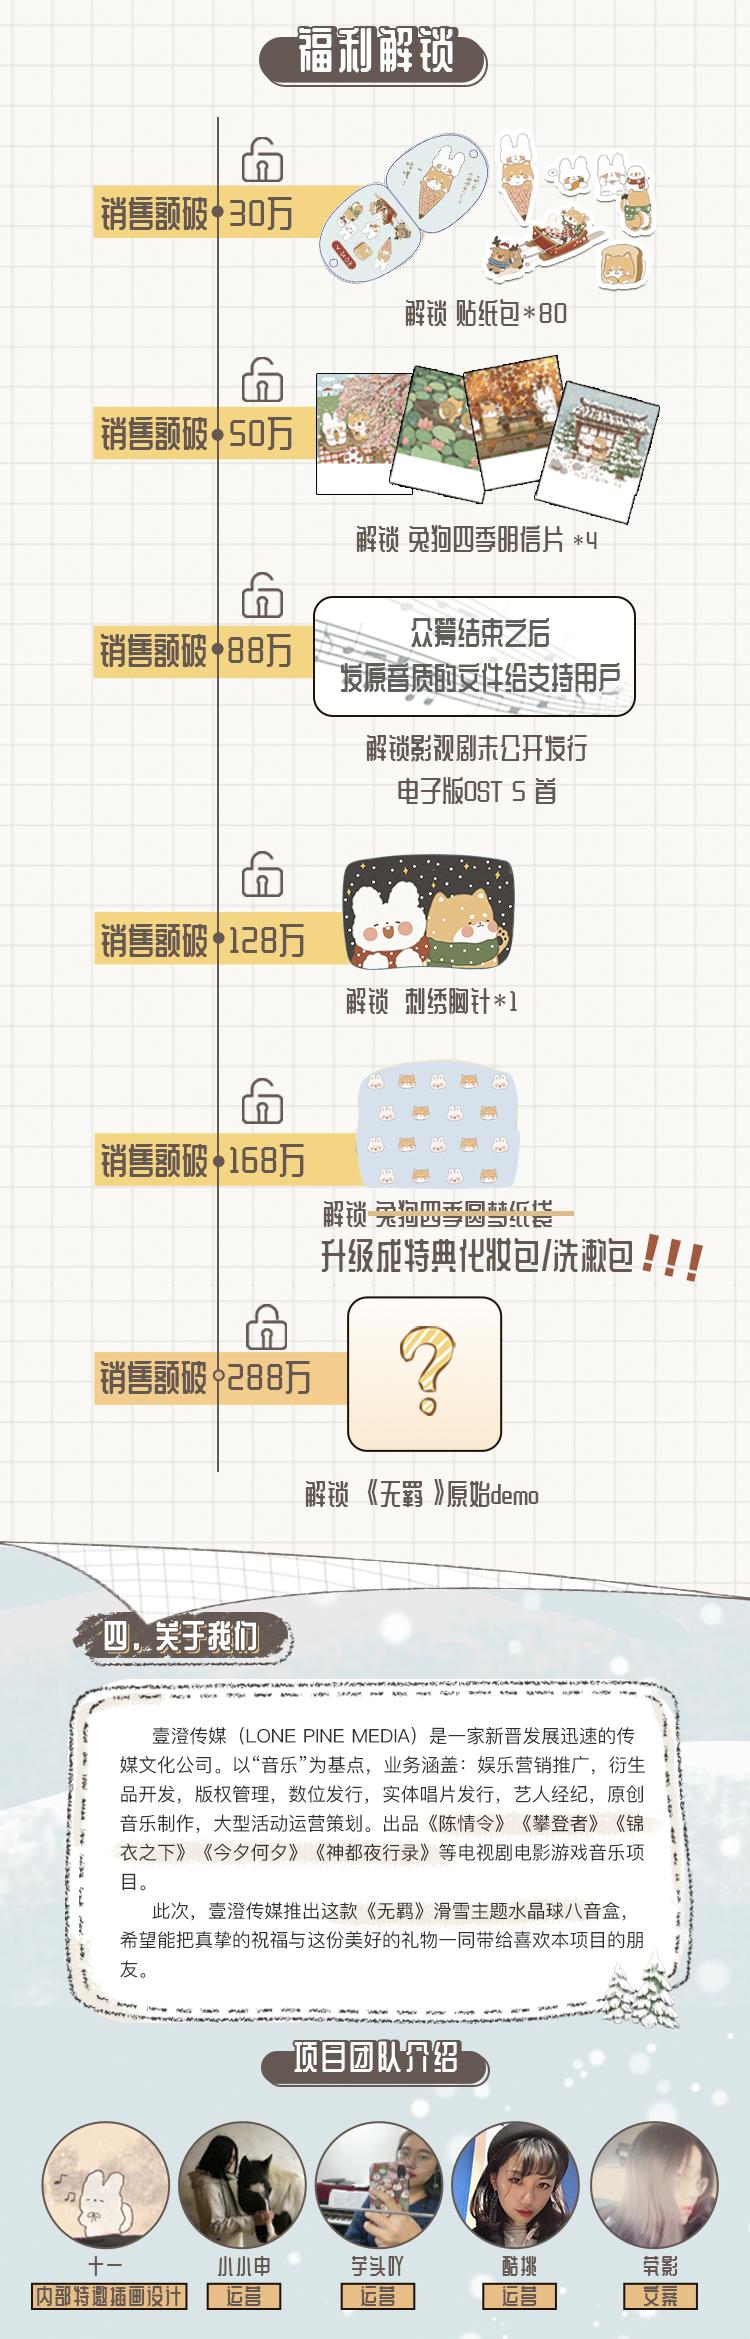 WeChat Image_20200227155152.jpg